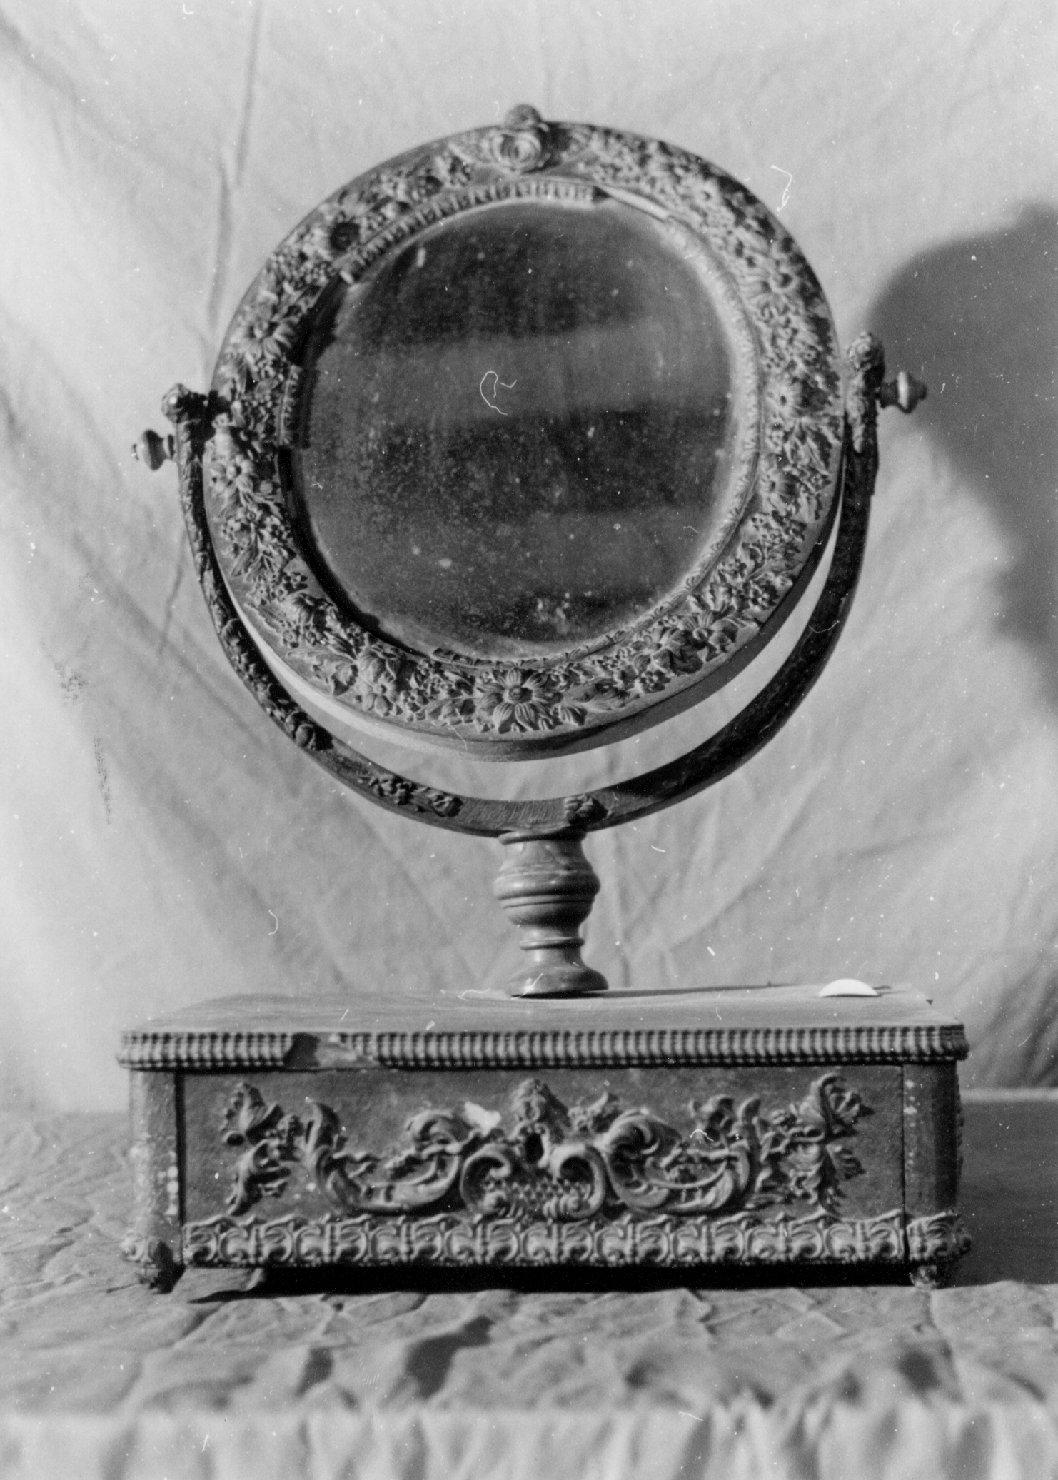 specchiera girevole, opera isolata - manifattura Italia settentrionale (metà sec. XIX)